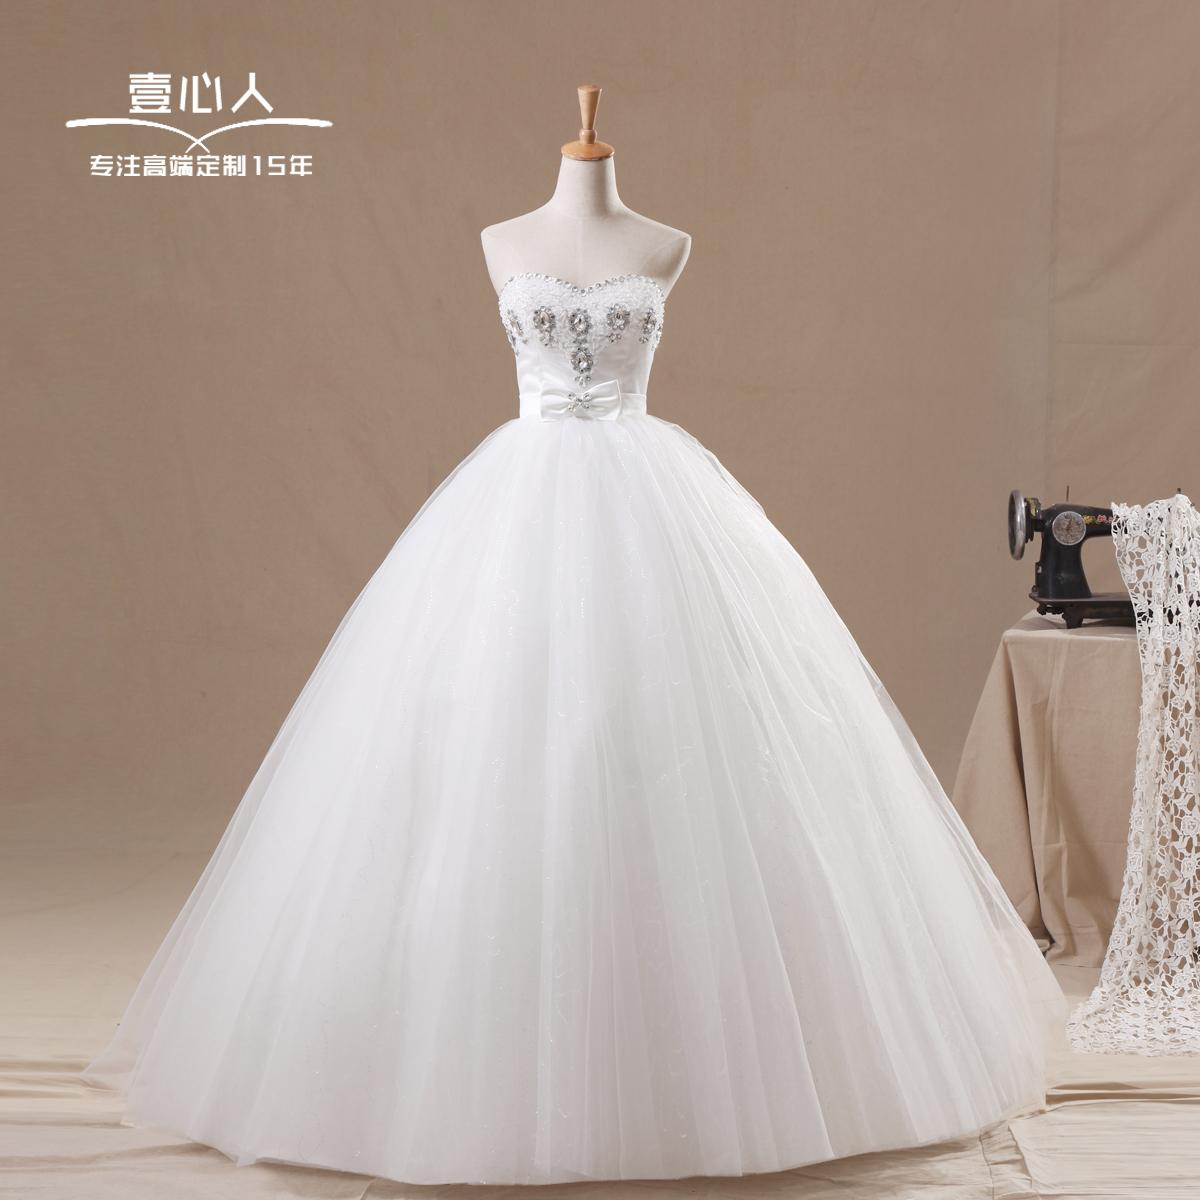 婚纱礼服新款2013 韩版韩式新娘宫廷蝴蝶结齐地婚纱 孕妇可定制